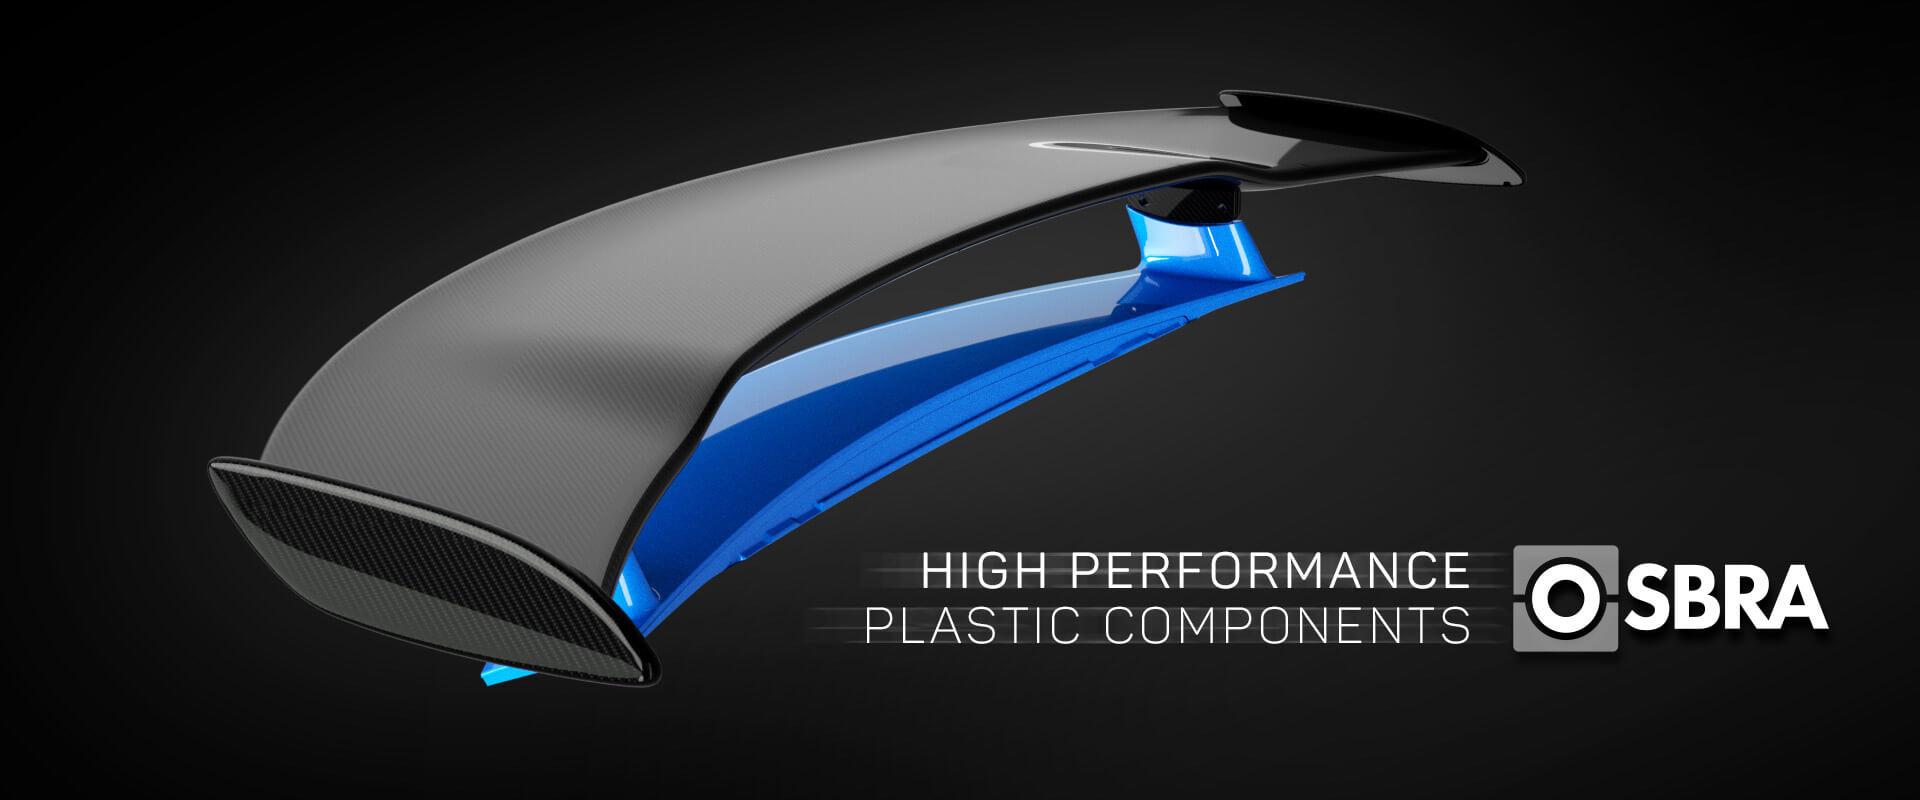 OSBRA High Performance plastic components